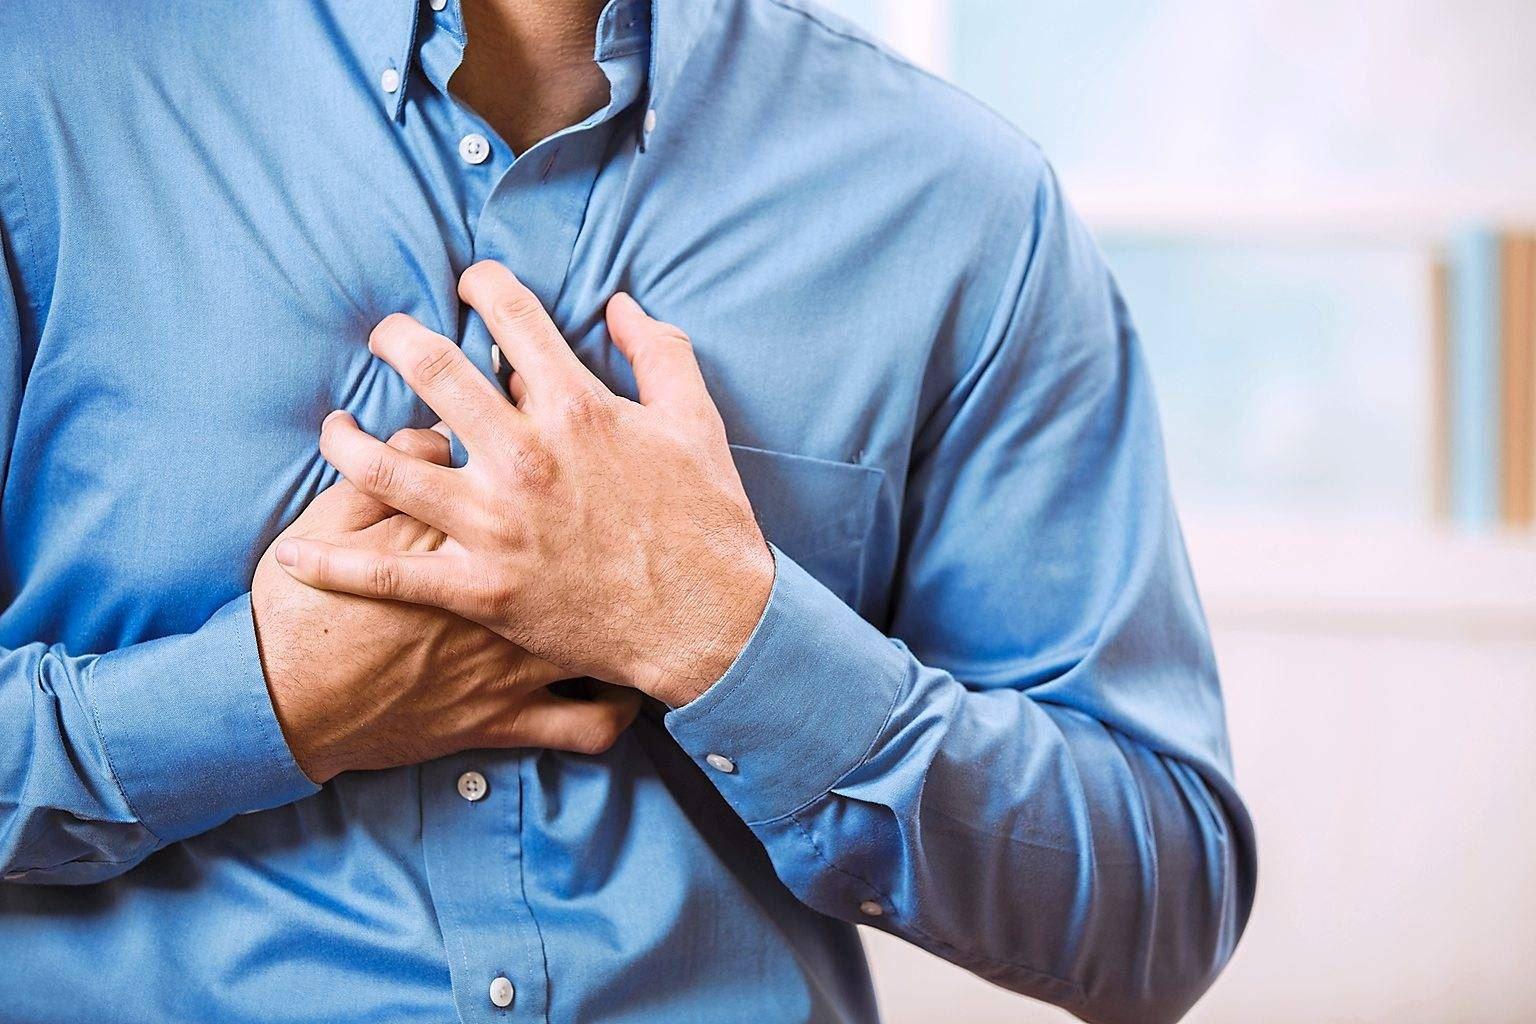 tahu tak anda, kuaci bukan sahaja enak dinikmati tapi ia boleh bantu lawan penyakit jantung